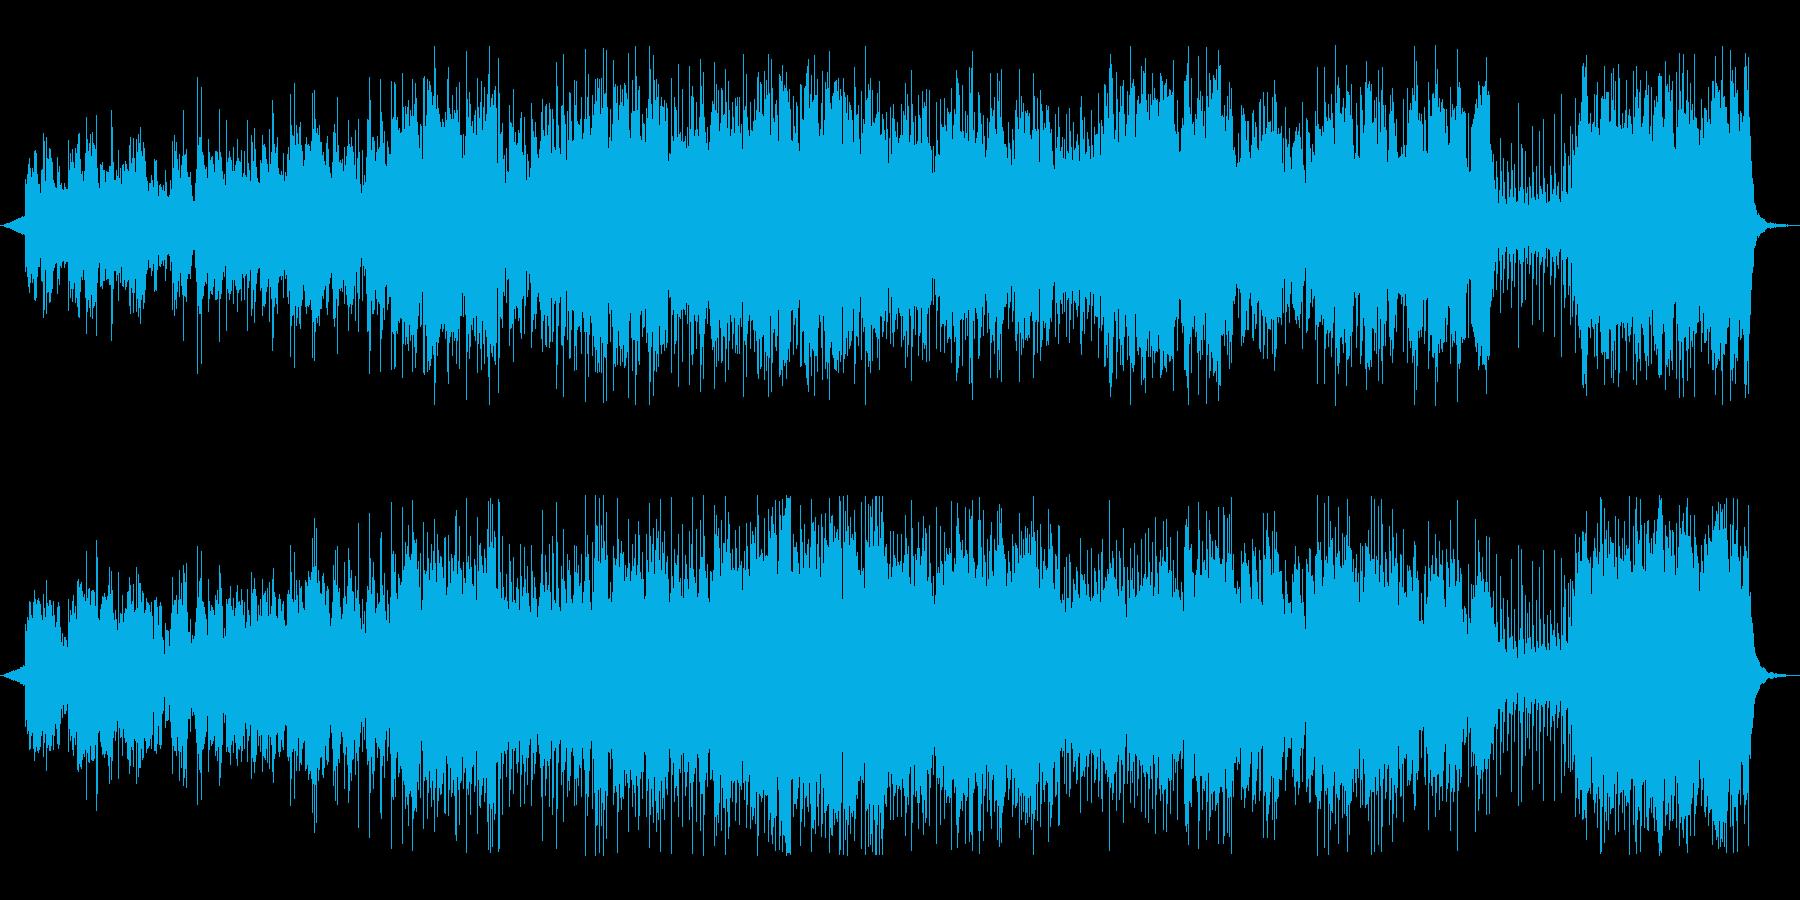 中世ヨーロッパ ルネサンス バロックの再生済みの波形